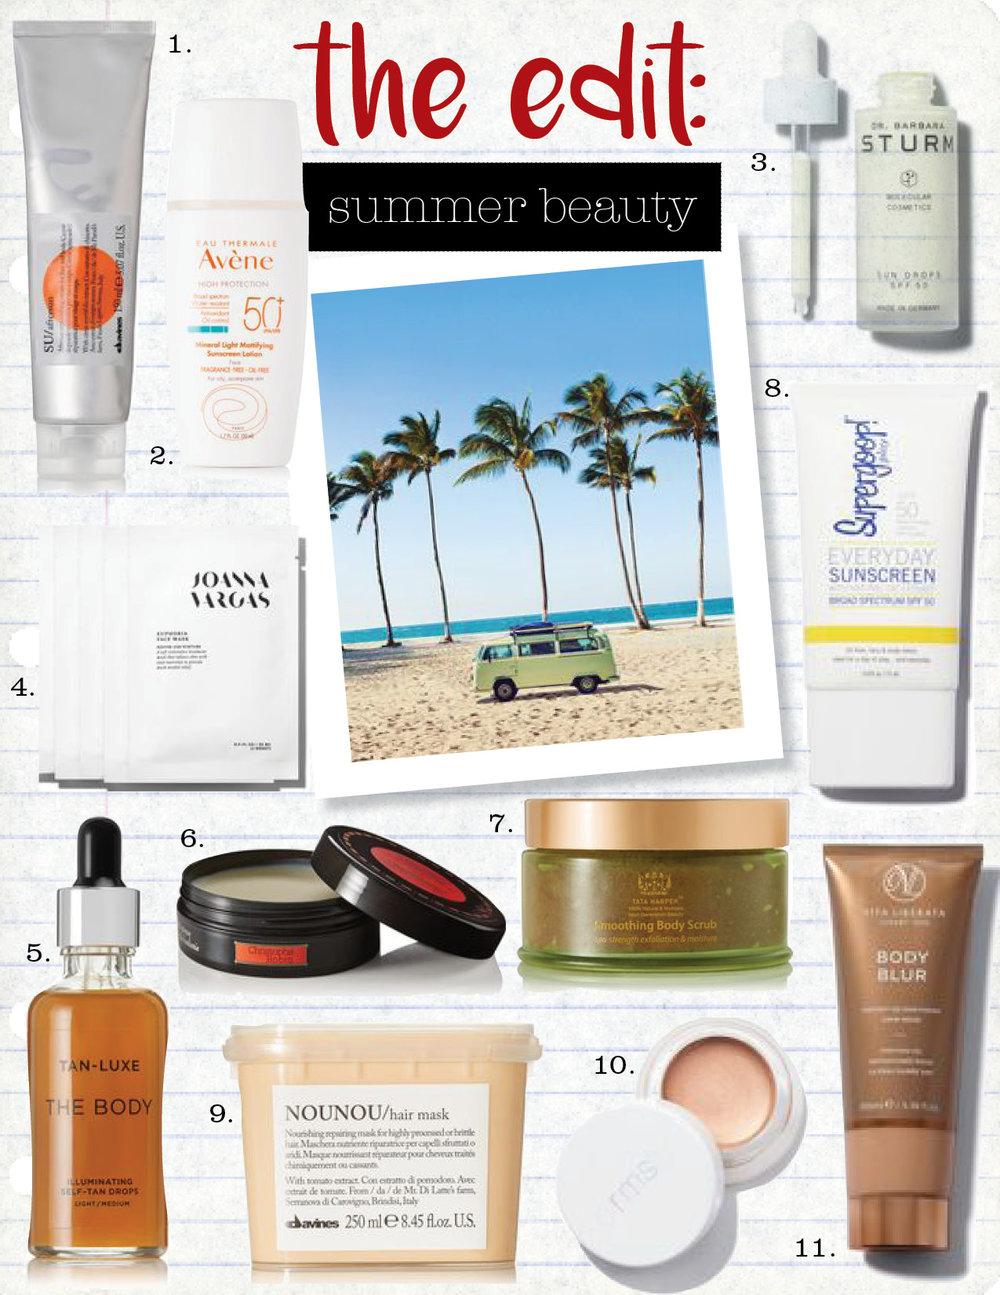 1. davines su aftersun cream for face and body, $29,  net-a-porter.com  2. avene spf50+ mineral ultra-light hydrating sunscreen lotion, $28,  net-a-porter.com  3. dr. barbara sturm sun drops, $145,  violetgrey.com  4. joanna vargas euphoria mask, $75,  violetgrey.com  5. tan-luxe the body illuminating self-tan drops, $59,  net-a-porter.com  6. christophe robin intense regenerating balm, $60,  net-a-porter.com  7. tata harper smoothing body scrub, $75,  net-a-porter.com  8. supergoop everyday spf50, $32,  supergoop.com  9. davines nounou hair mask, $34,  net-a-porter.com  10. rms beauty mix master, $38,  violetgrey.com  11. vita liberata body blur instant skin finish, $45,  violetgrey.com